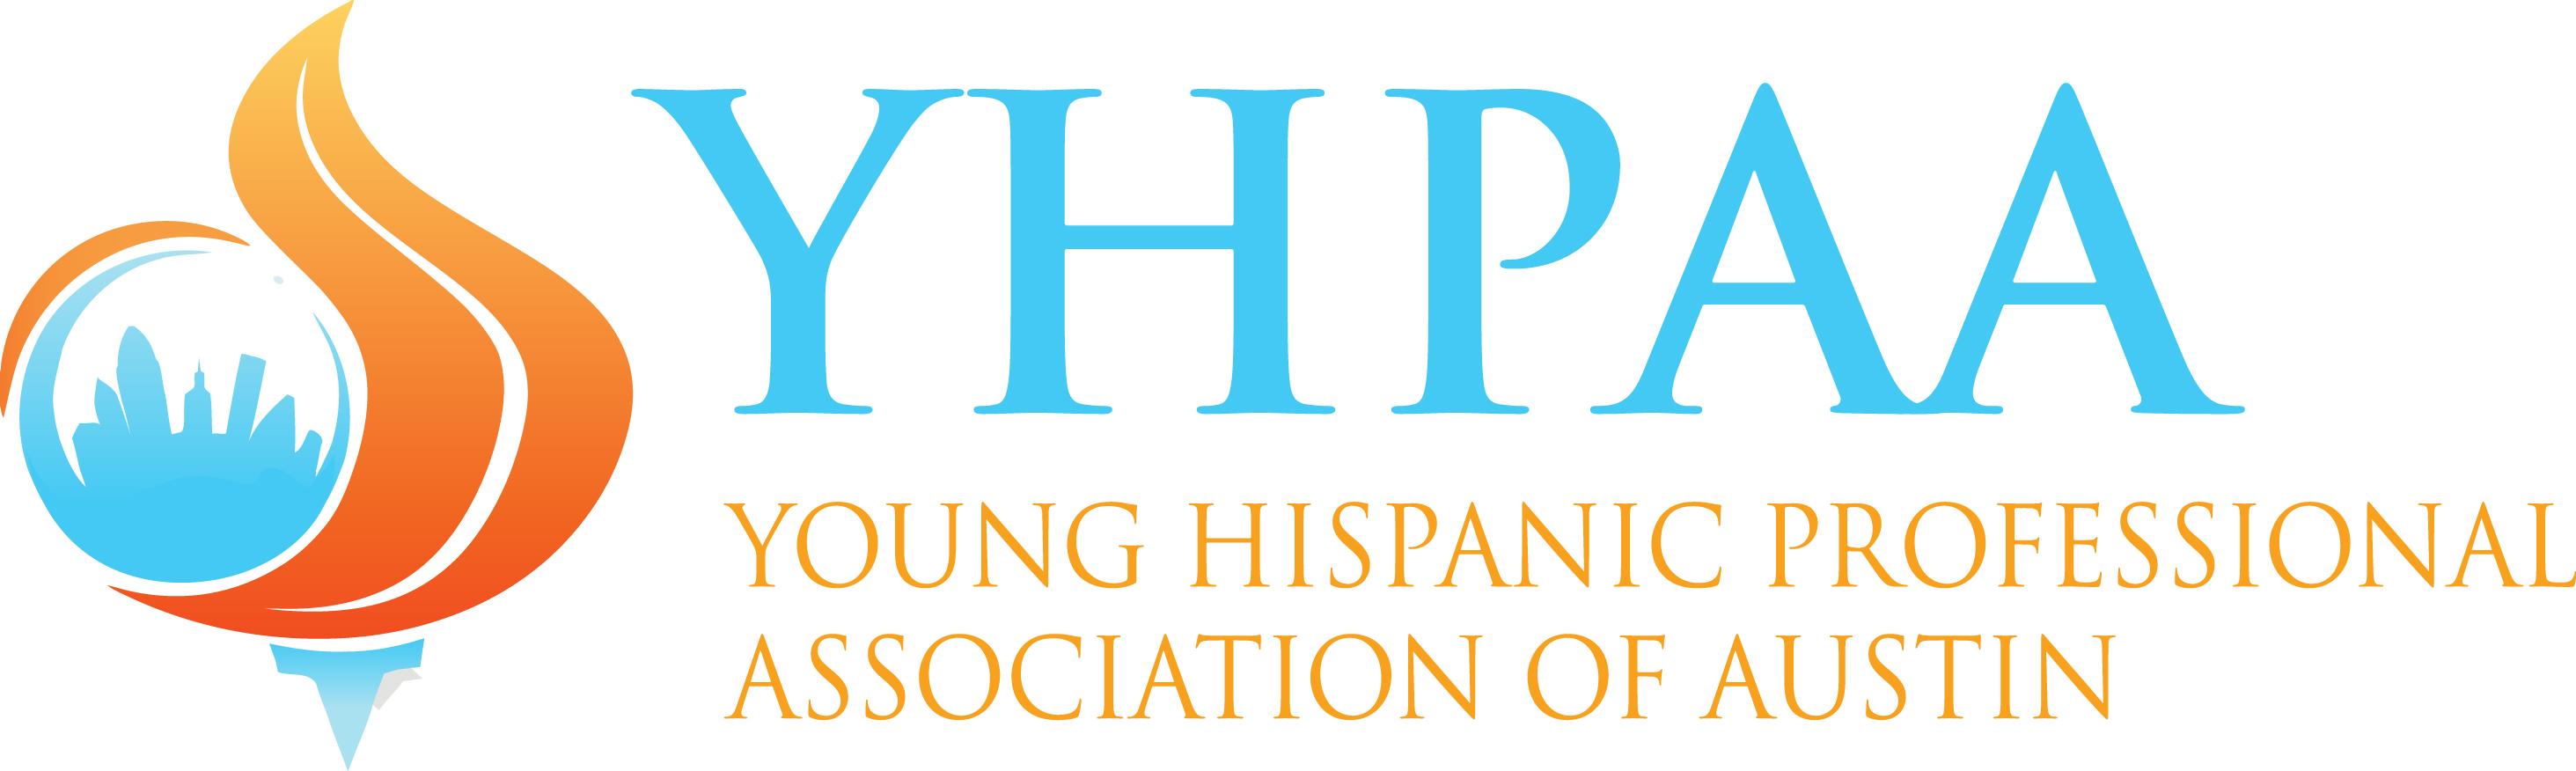 YHPAA Logo